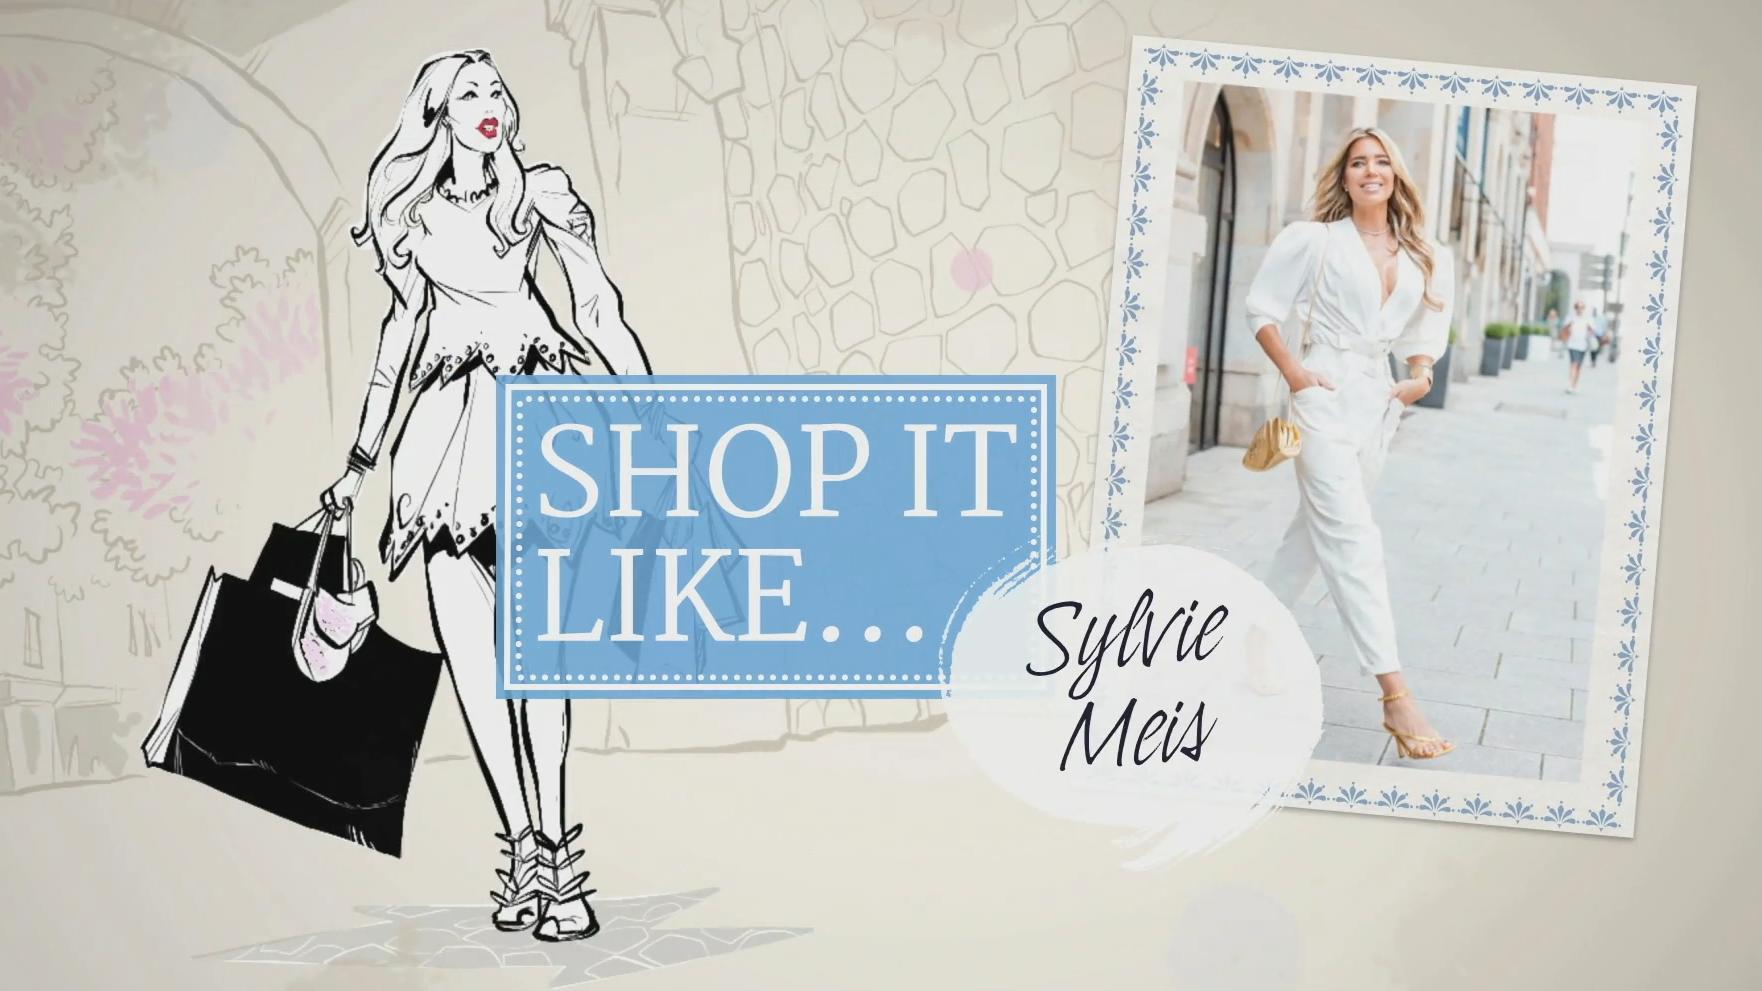 Sylvie Meis im eleganten Jumpsuit: So stylen wir den Look günstig nach